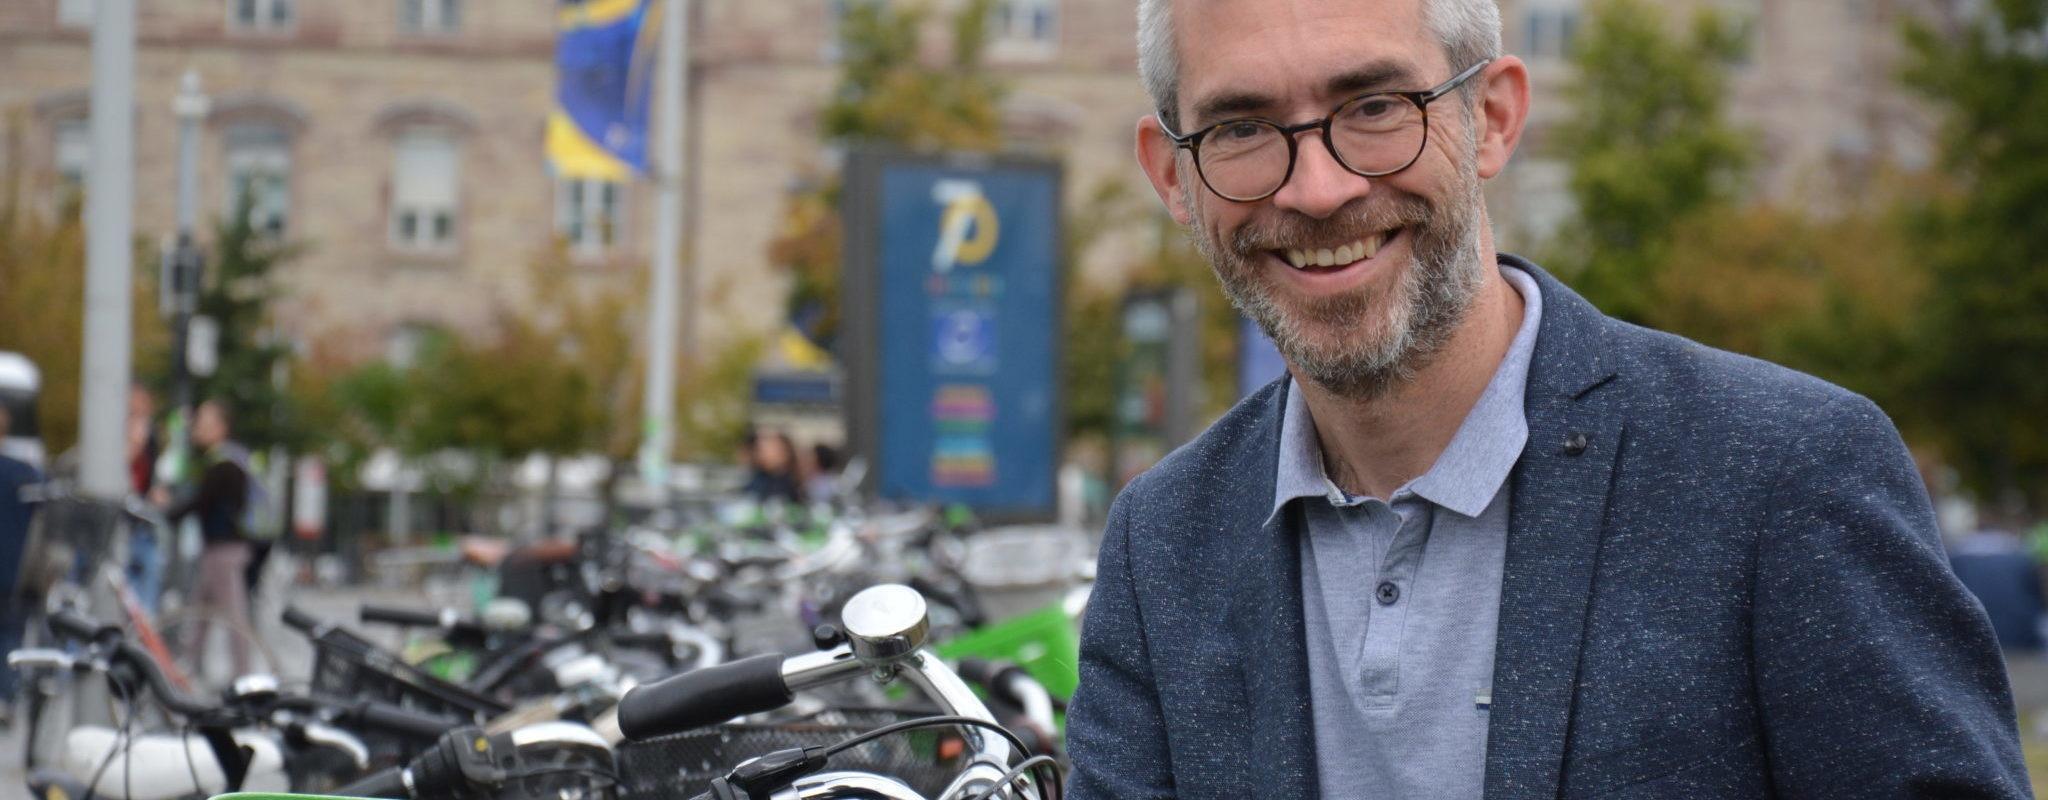 Face à Mathieu Cahn, un deuxième candidat au PS